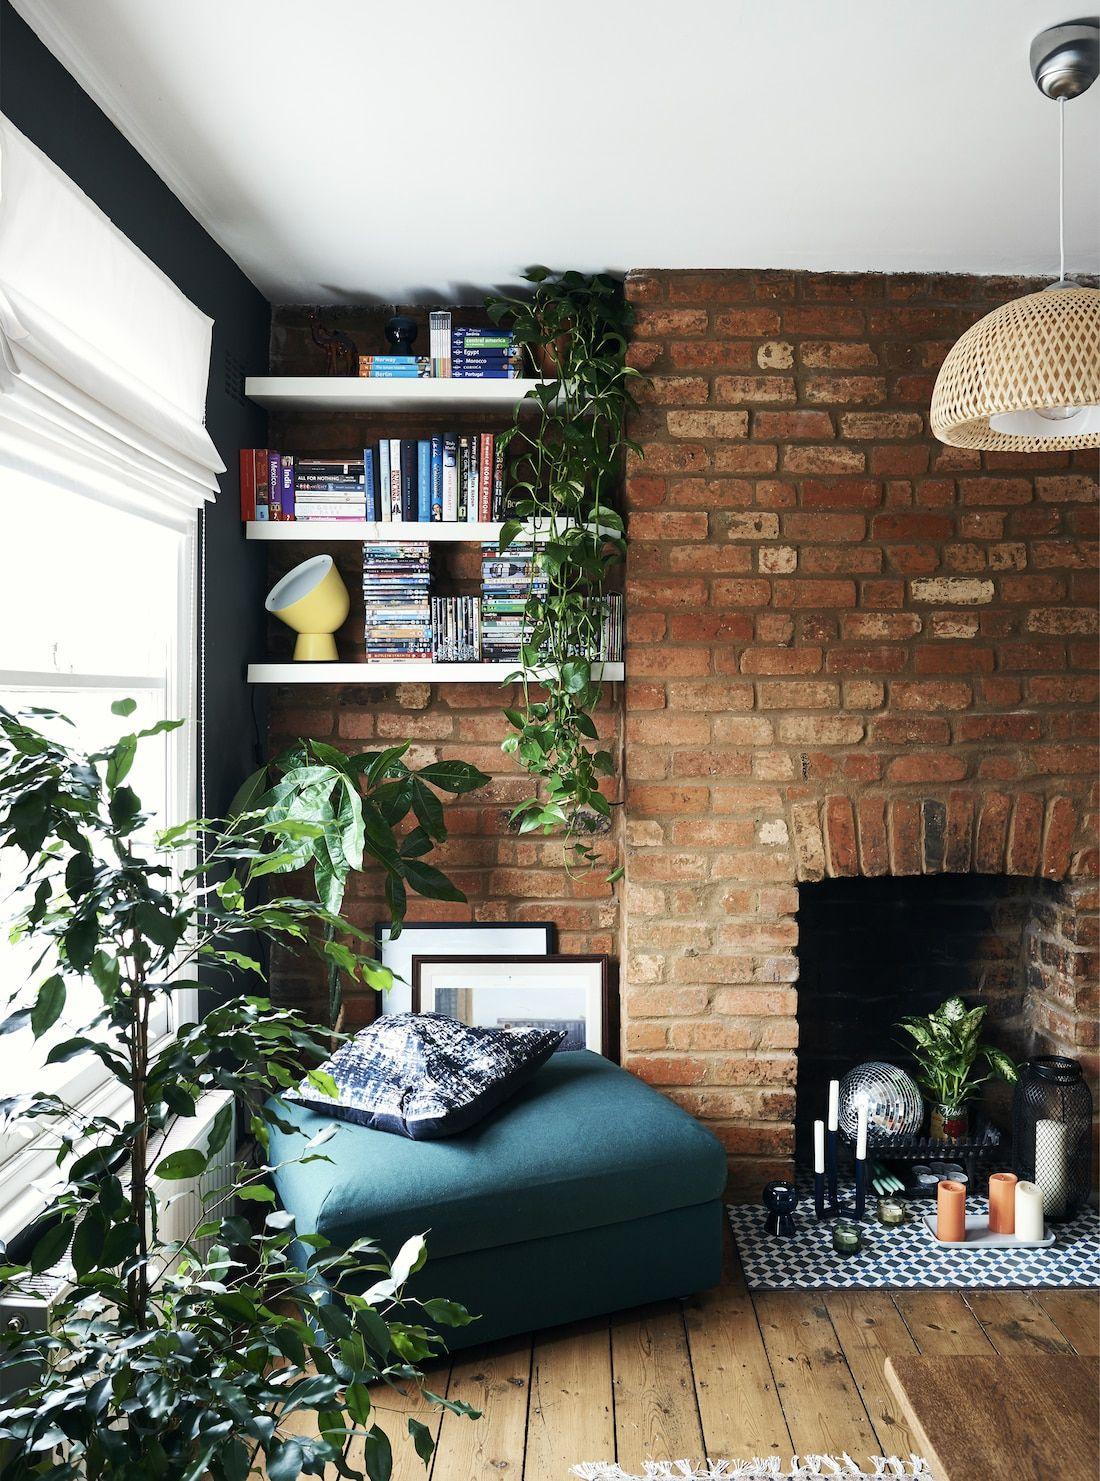 Salon cosy rustique mur en brique rouge fauteuil bleu canard plantes vertes